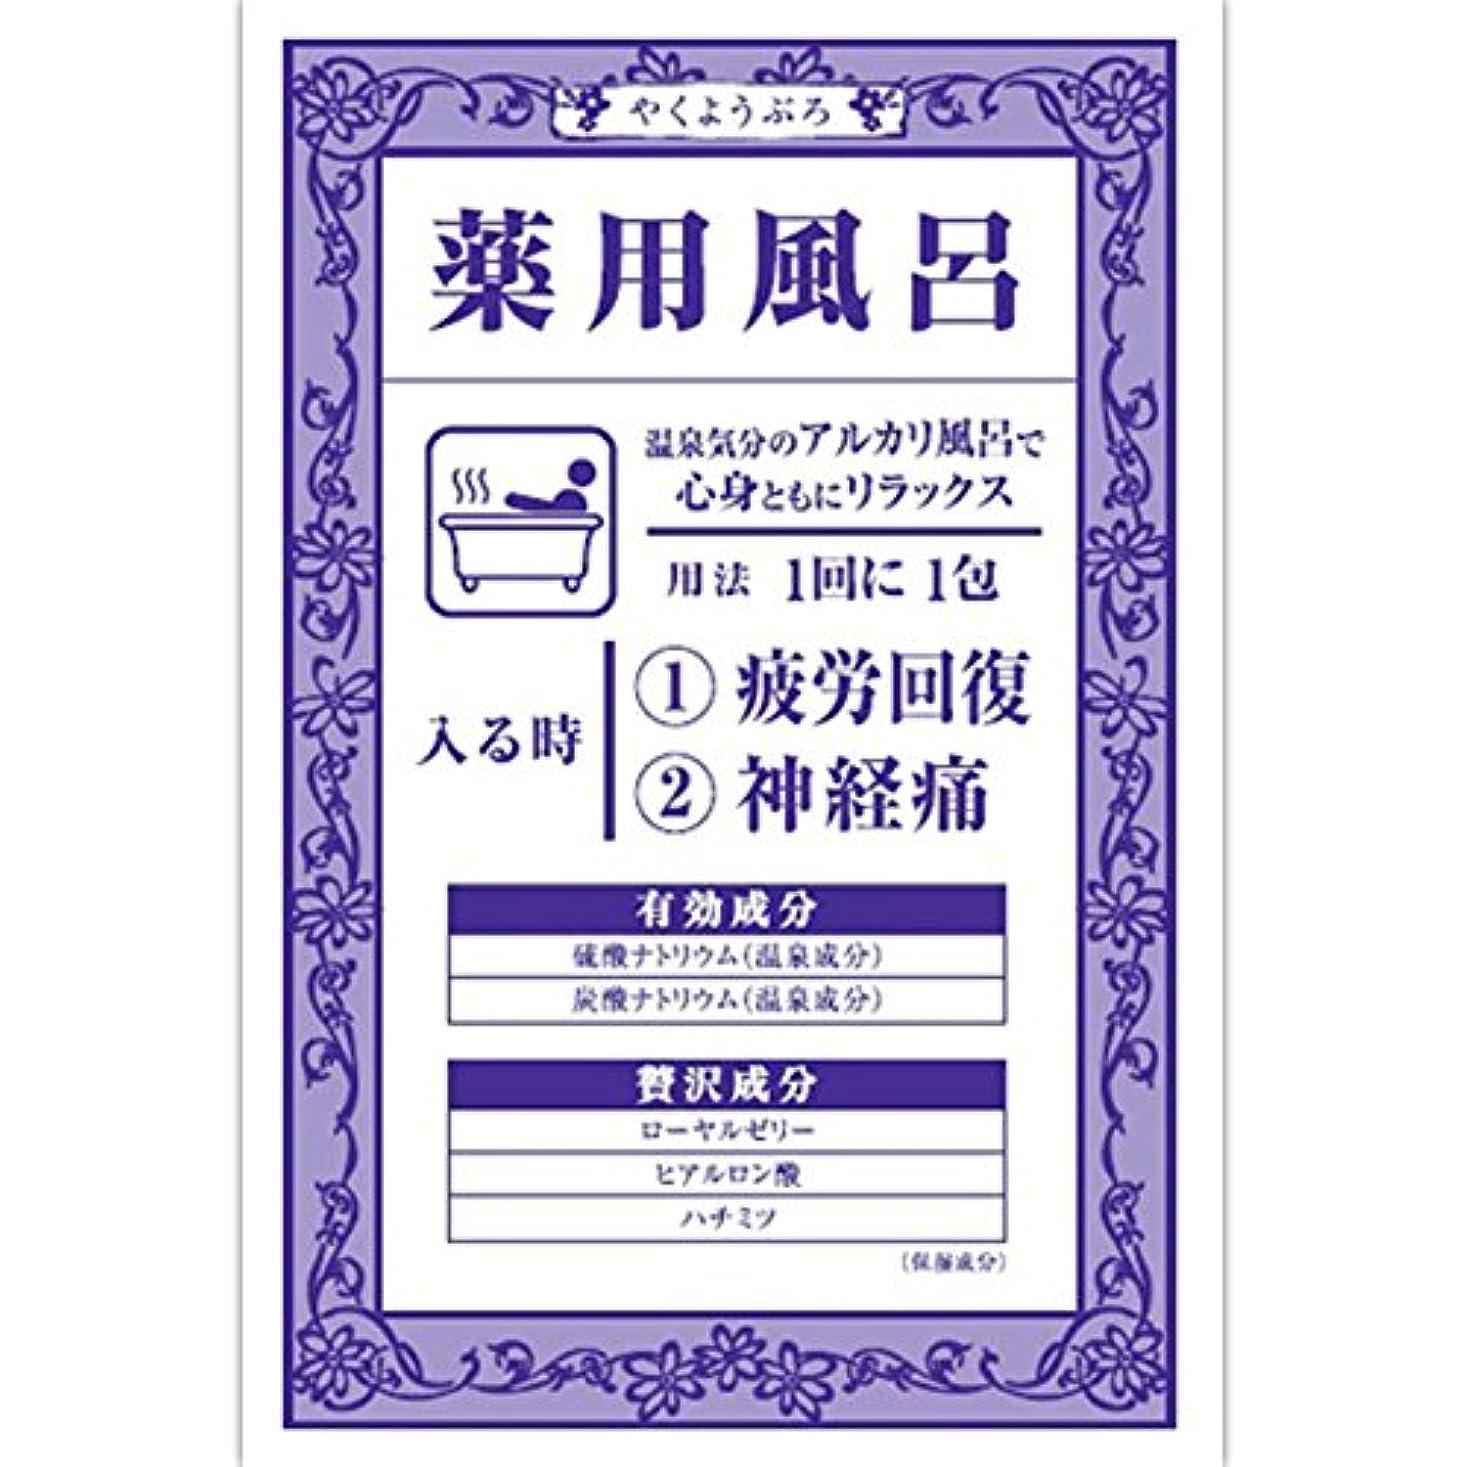 大いに広範囲精算大山 薬用風呂KKd(疲労回復?神経痛) 40G(医薬部外品)